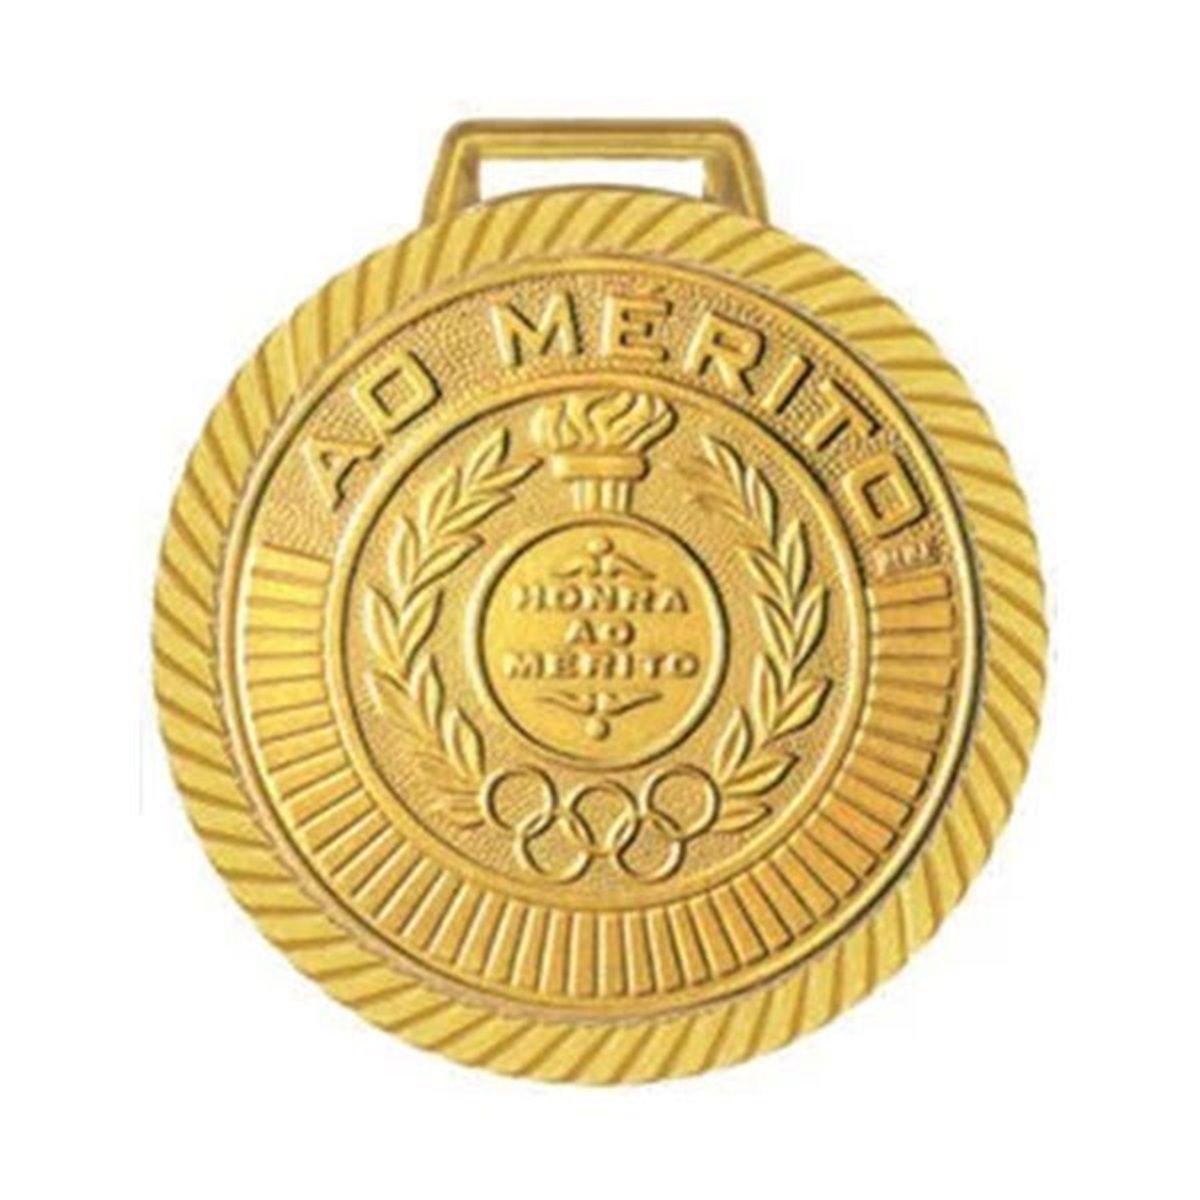 Kit C/20 Medalhas Rema Honra ao Mérito 40mm com Fita